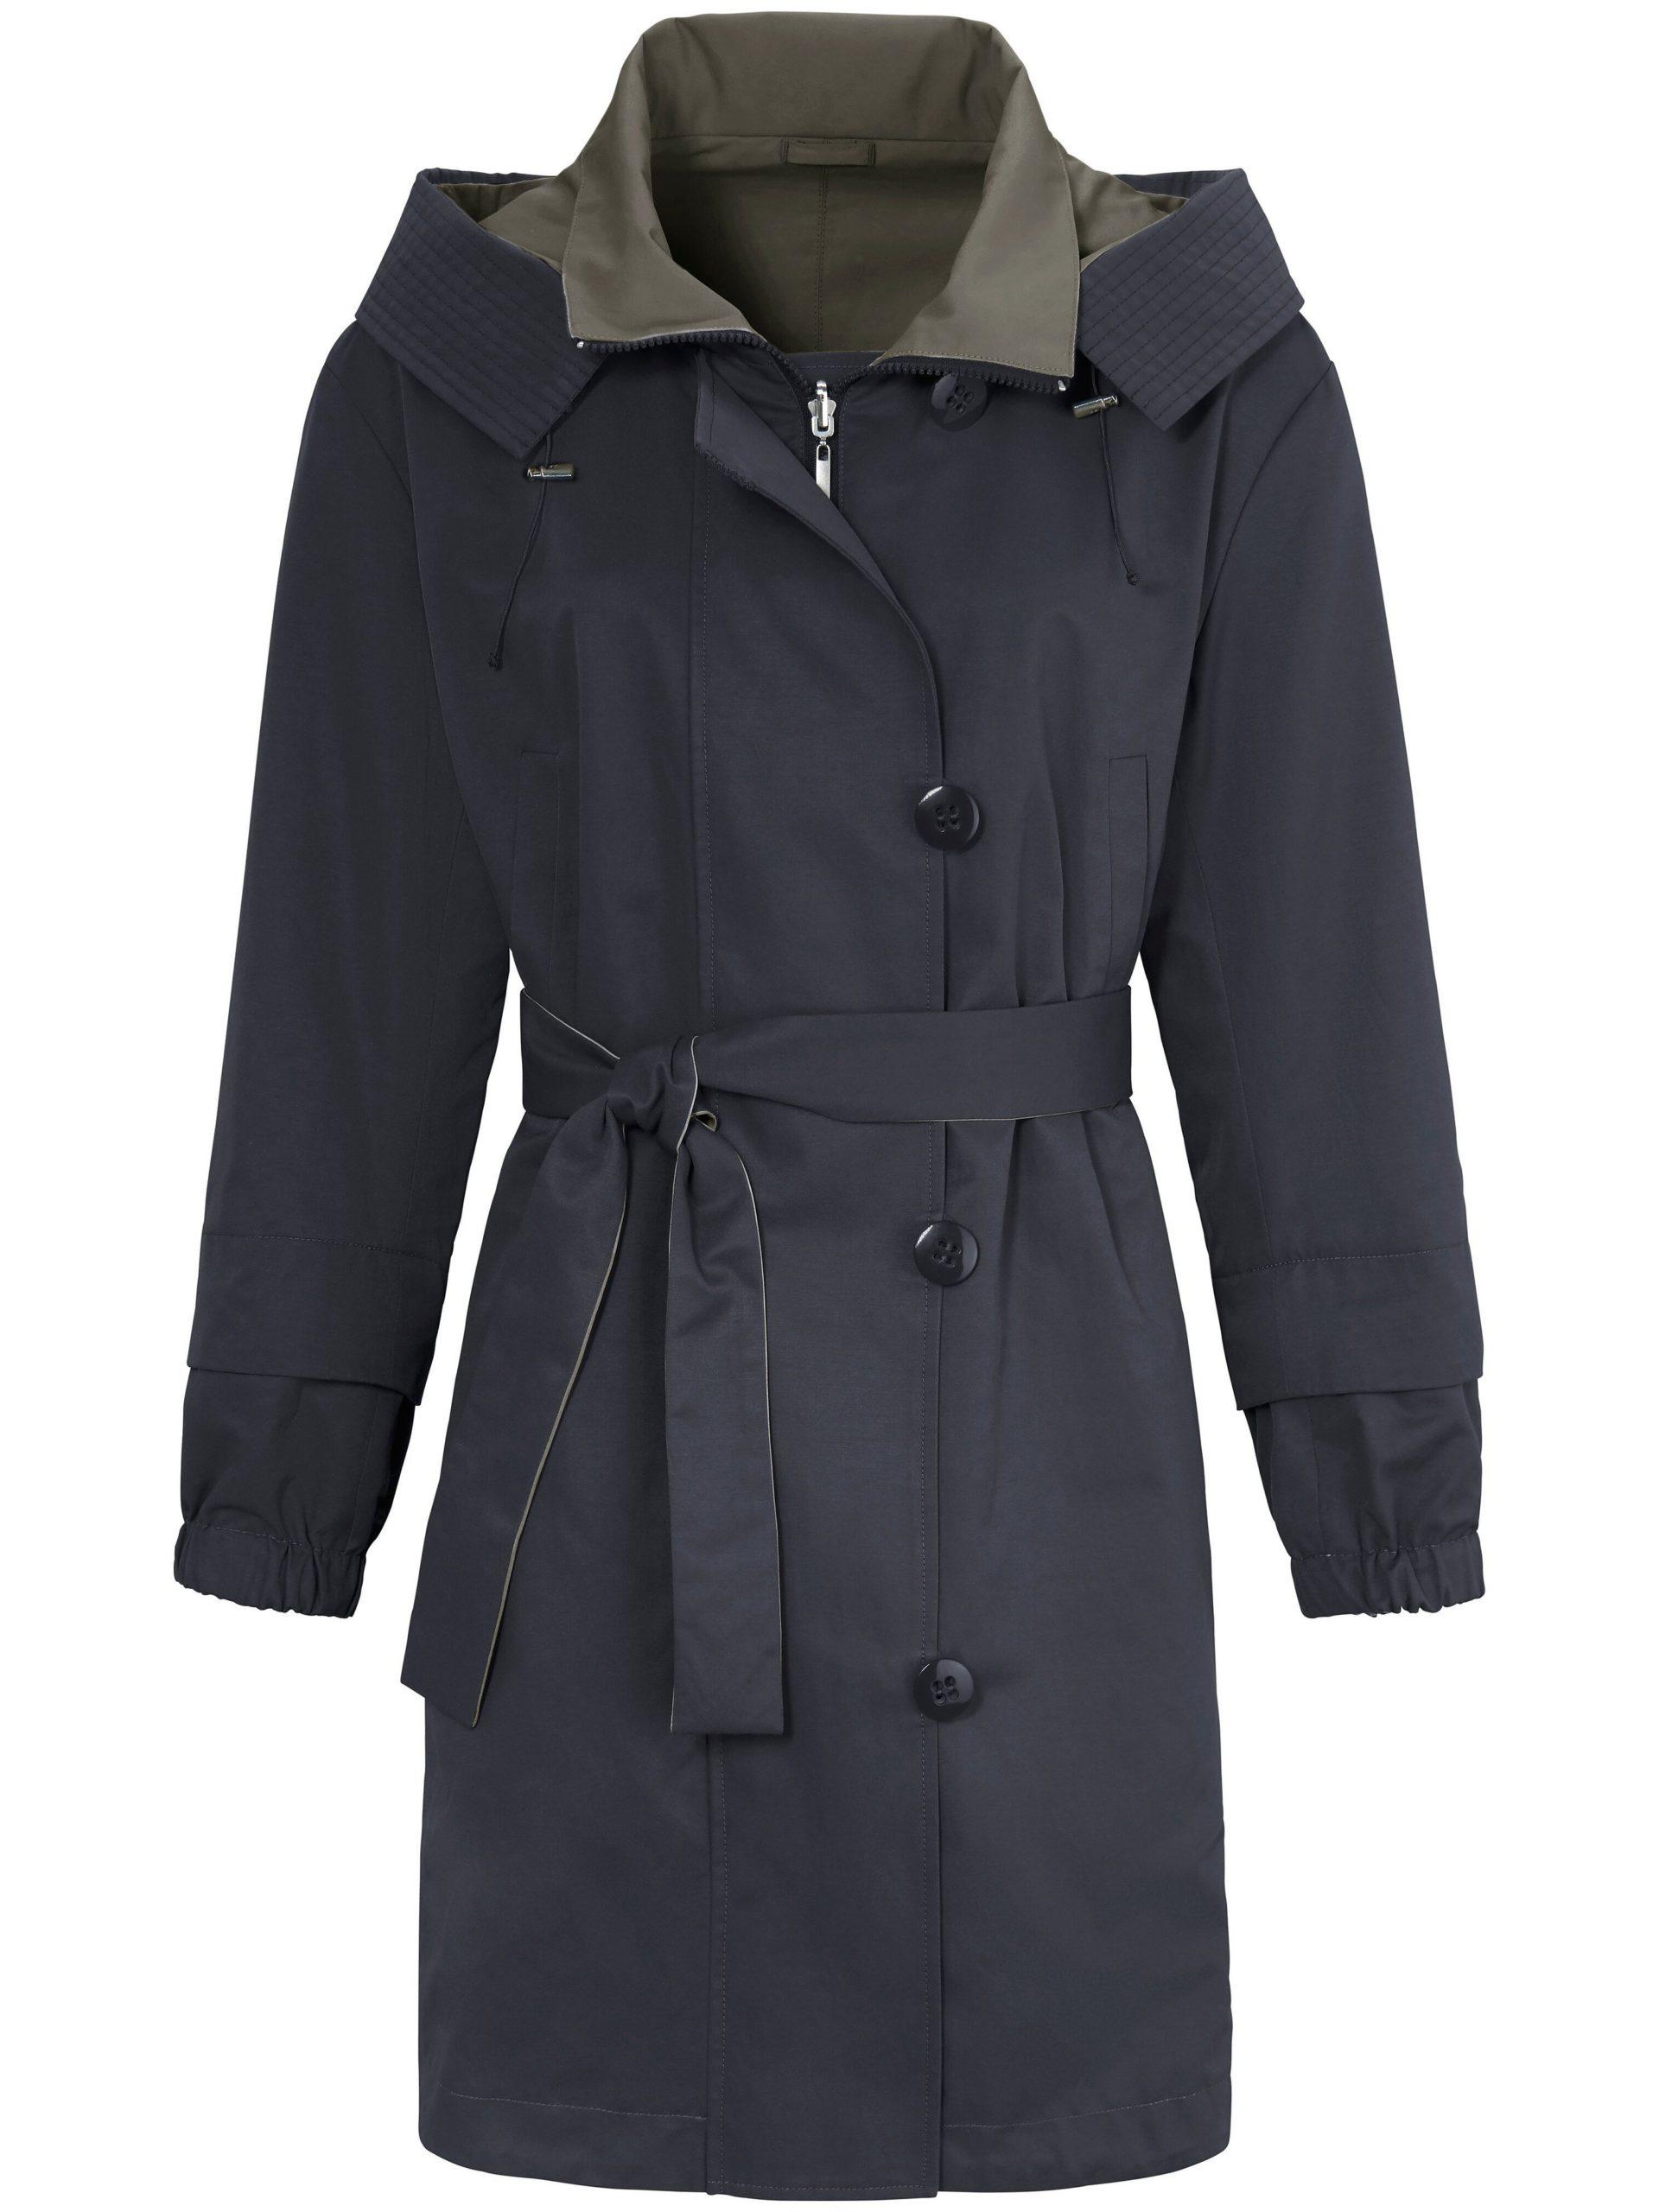 Tweezijdig te dragen jas met capuchon Van MYBC multicolour Kopen